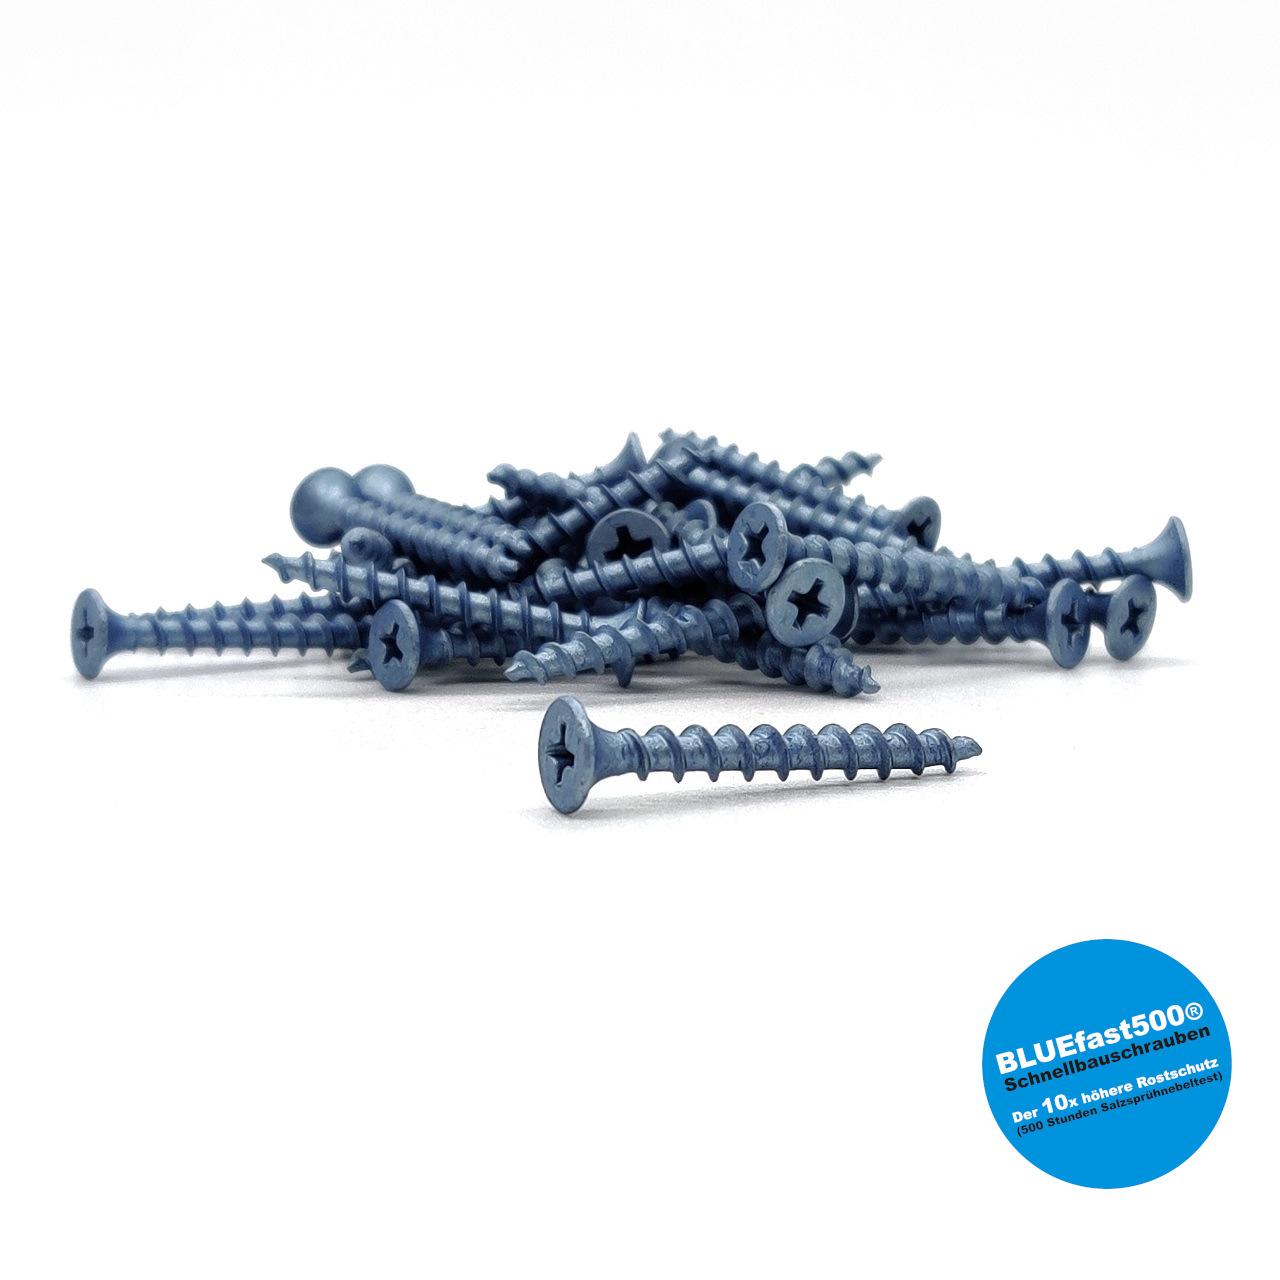 BLUEfast500® Schnellbauschrauben | Grobgewinde | 3,9x35 | 1.000 Stk